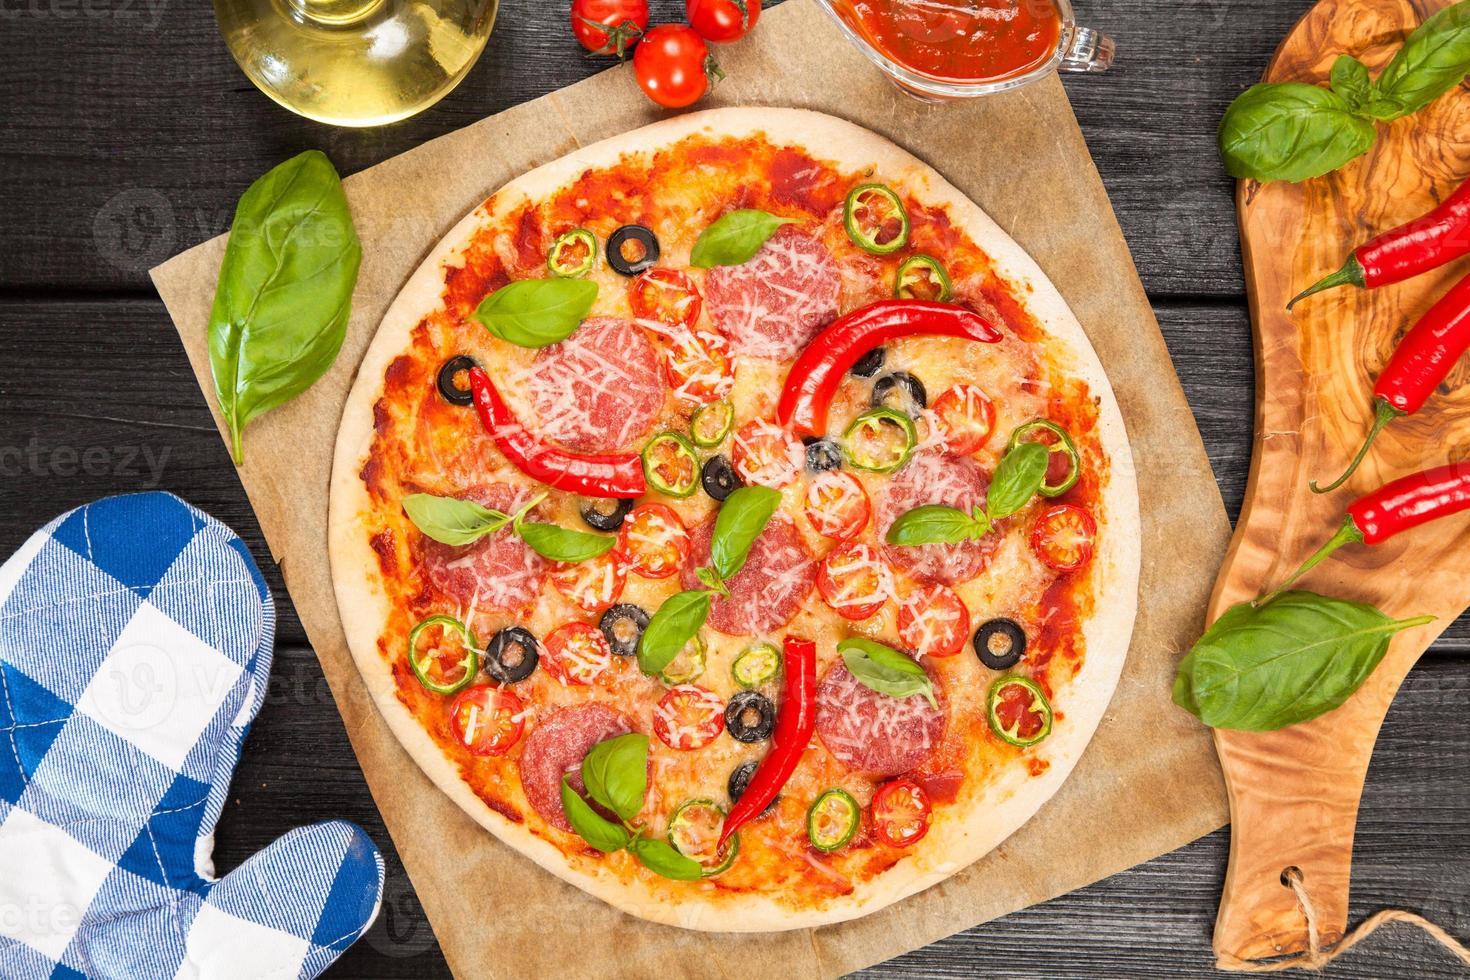 deliciosa pizza caseira foto